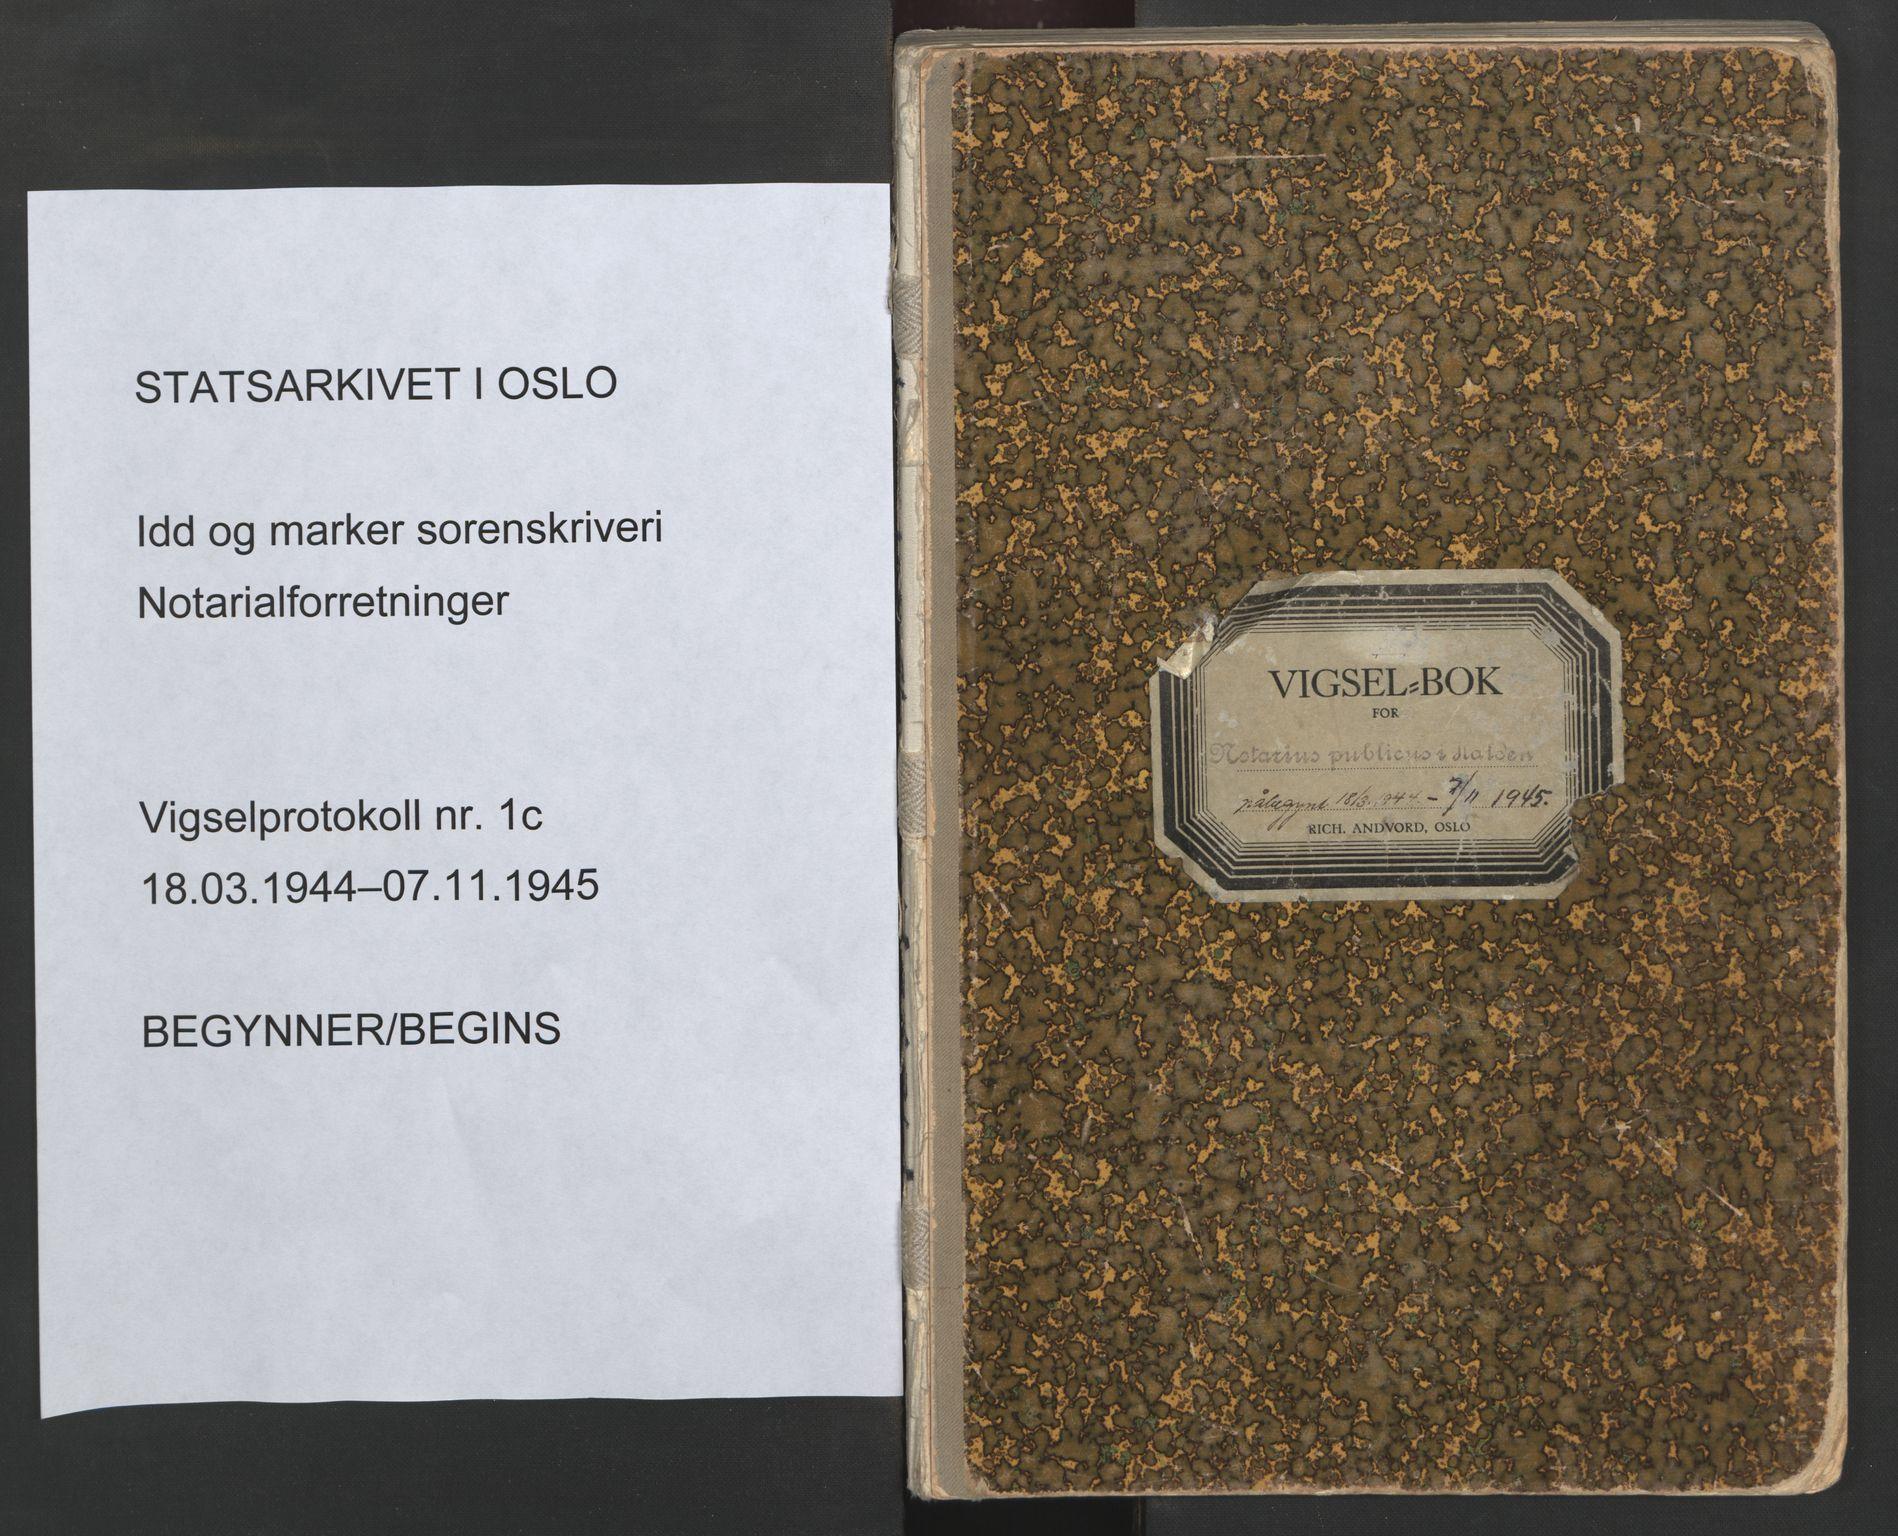 SAO, Idd og Marker sorenskriveri, L/Lc/L0001: Vigselsbøker, 1944-1945, s. upaginert